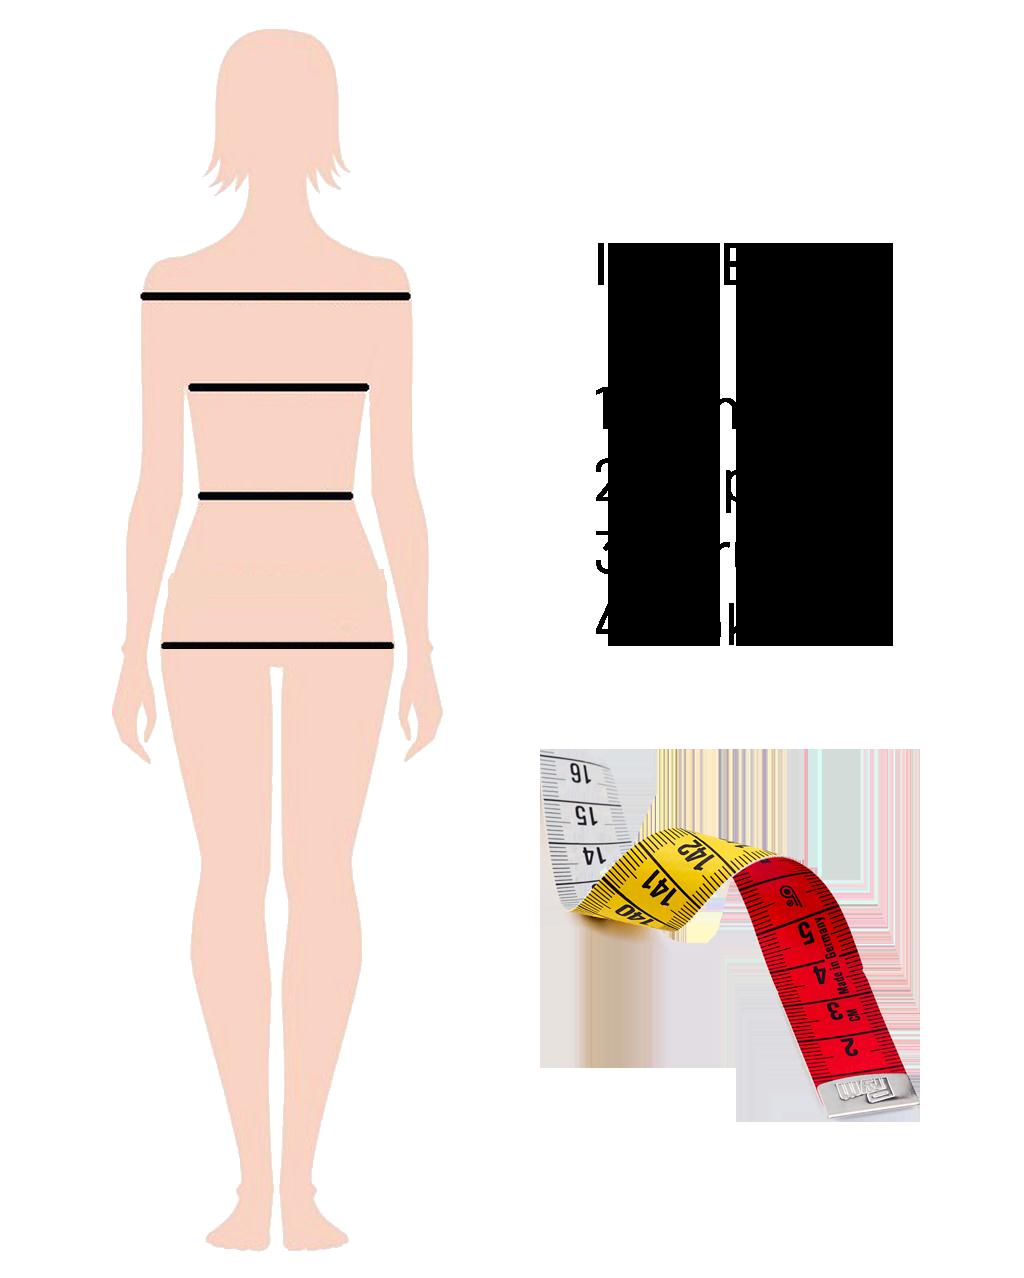 Lukabu - Vodic kako izmjeriti veličine